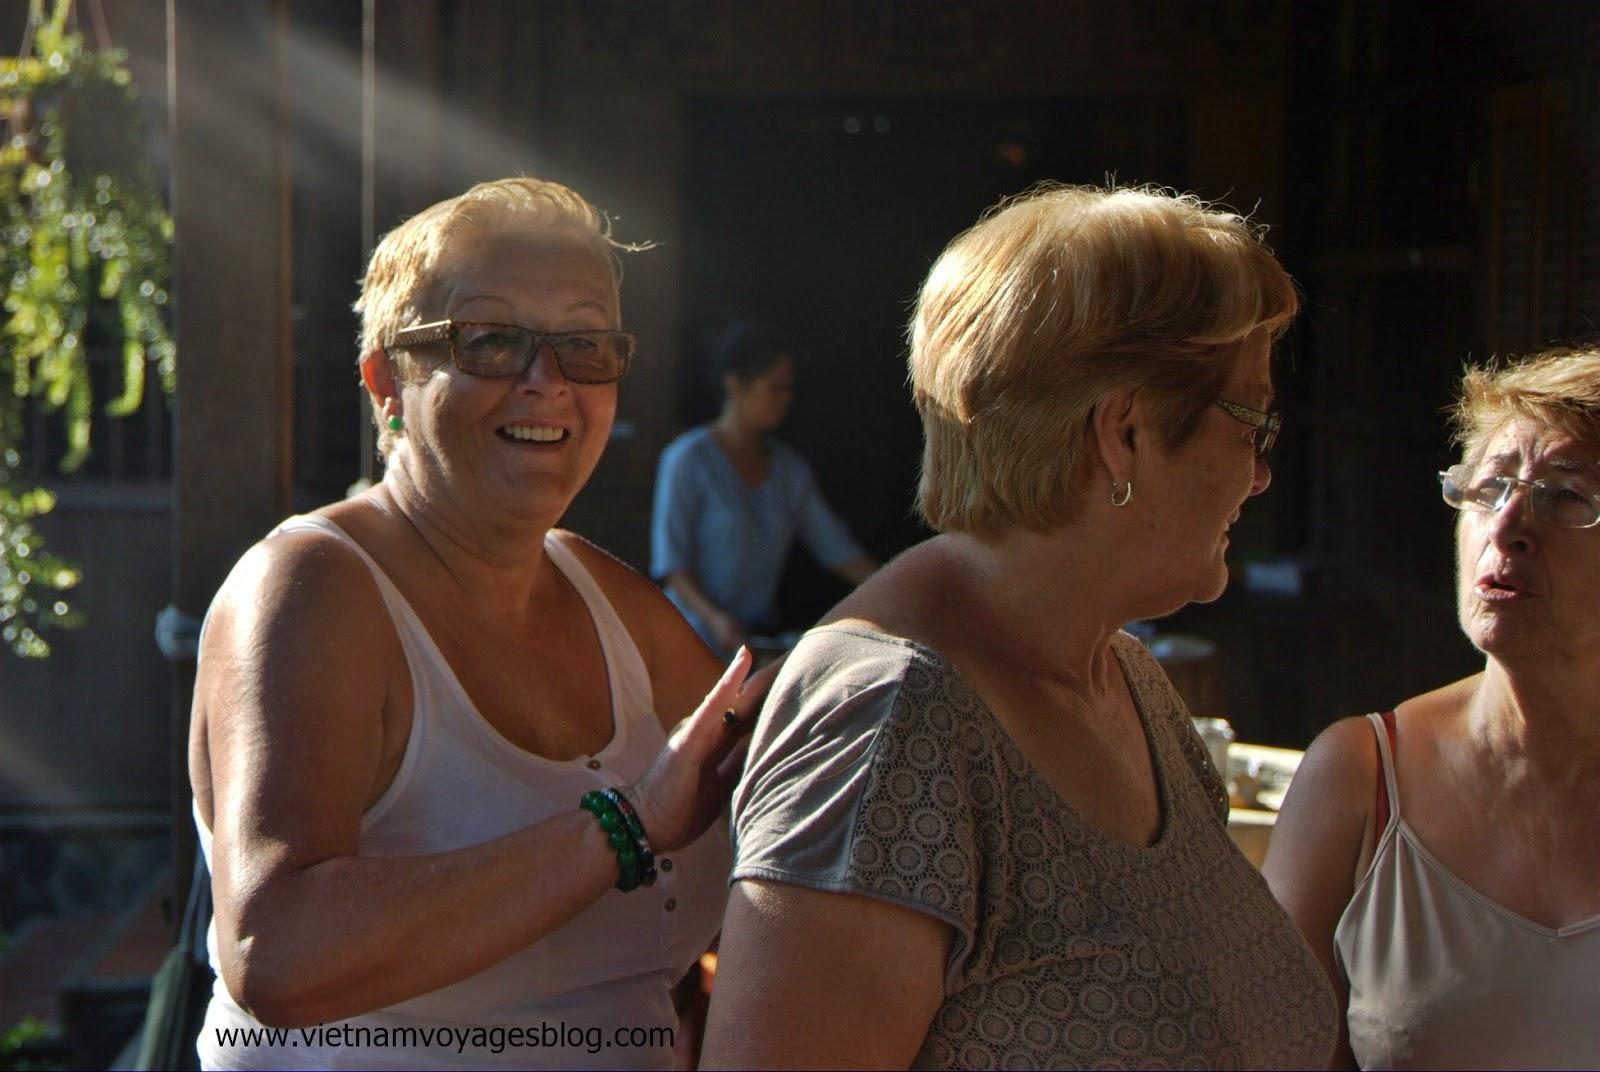 Những du khách vui vẻ thoải mái sau một đêm trải nghiệm cuộc sống của miền quê